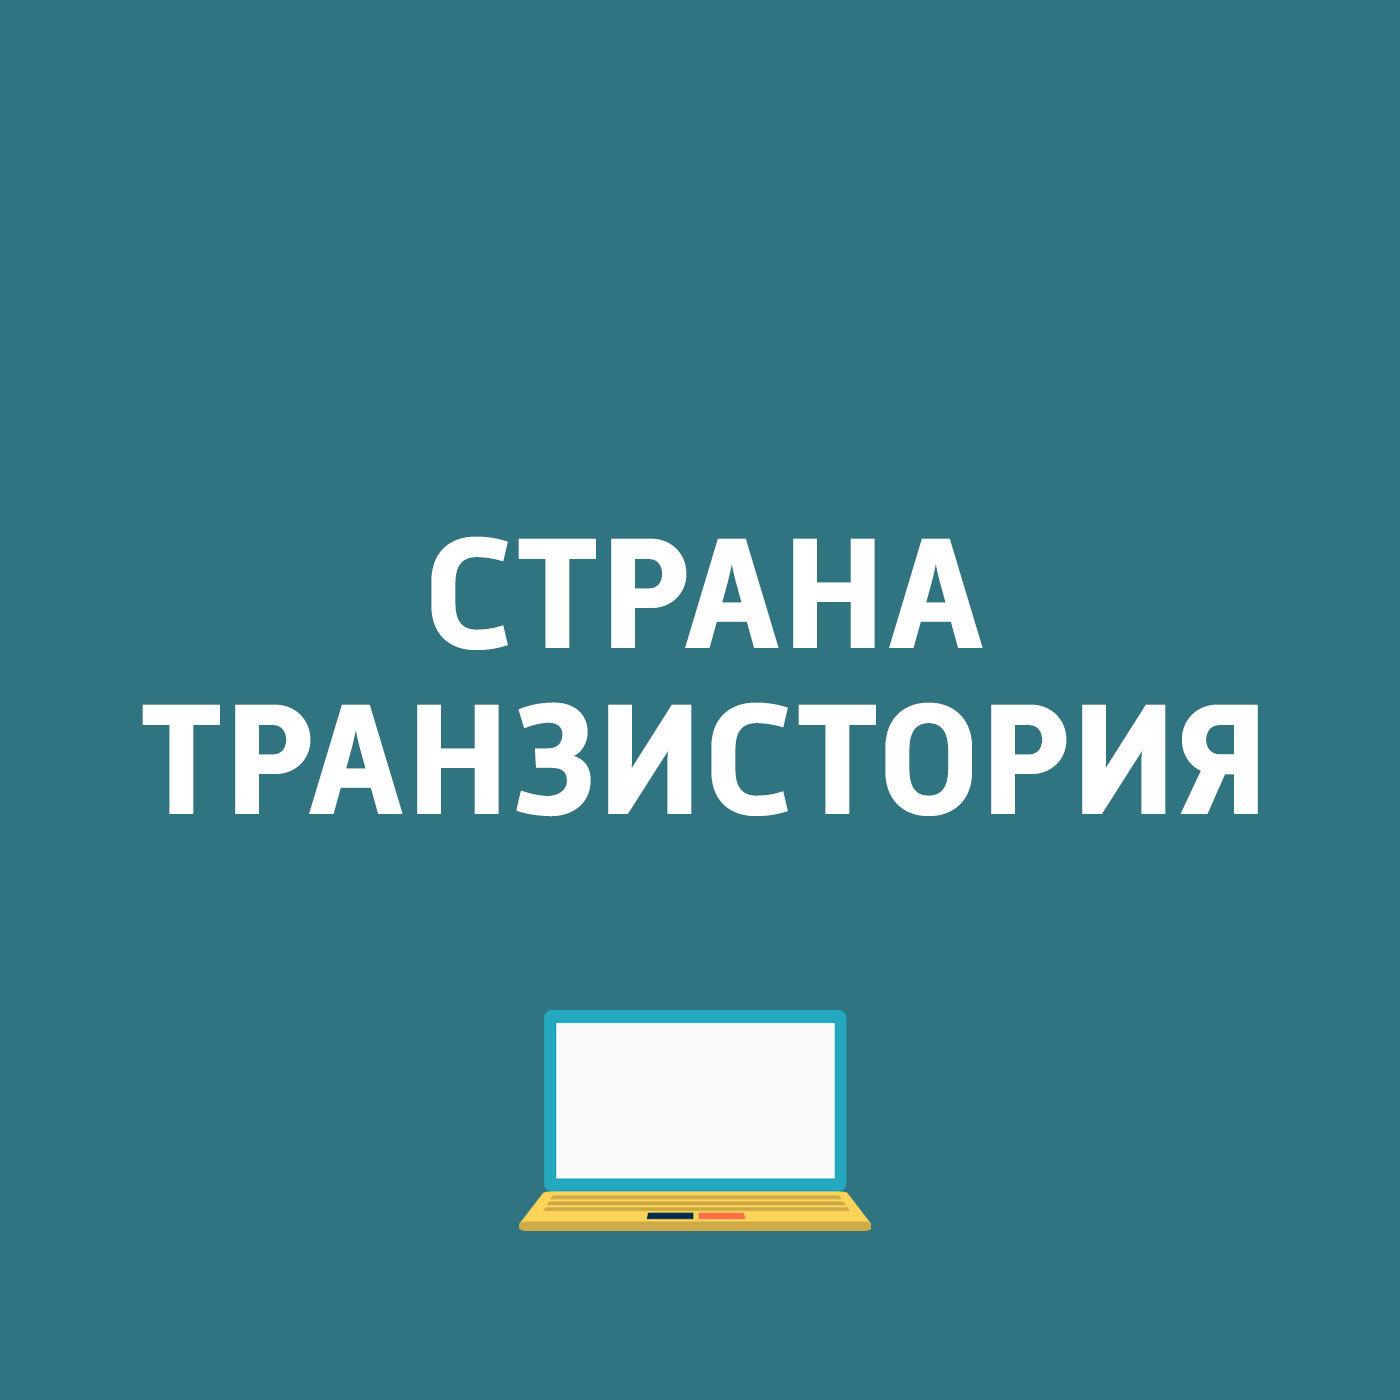 Картаев Павел Чайки играют в «Наперстки, люди в 3015 году, торт с пожарным картаев павел apple iphone 7 стал самым продаваемым смартфоном начала 2017 года